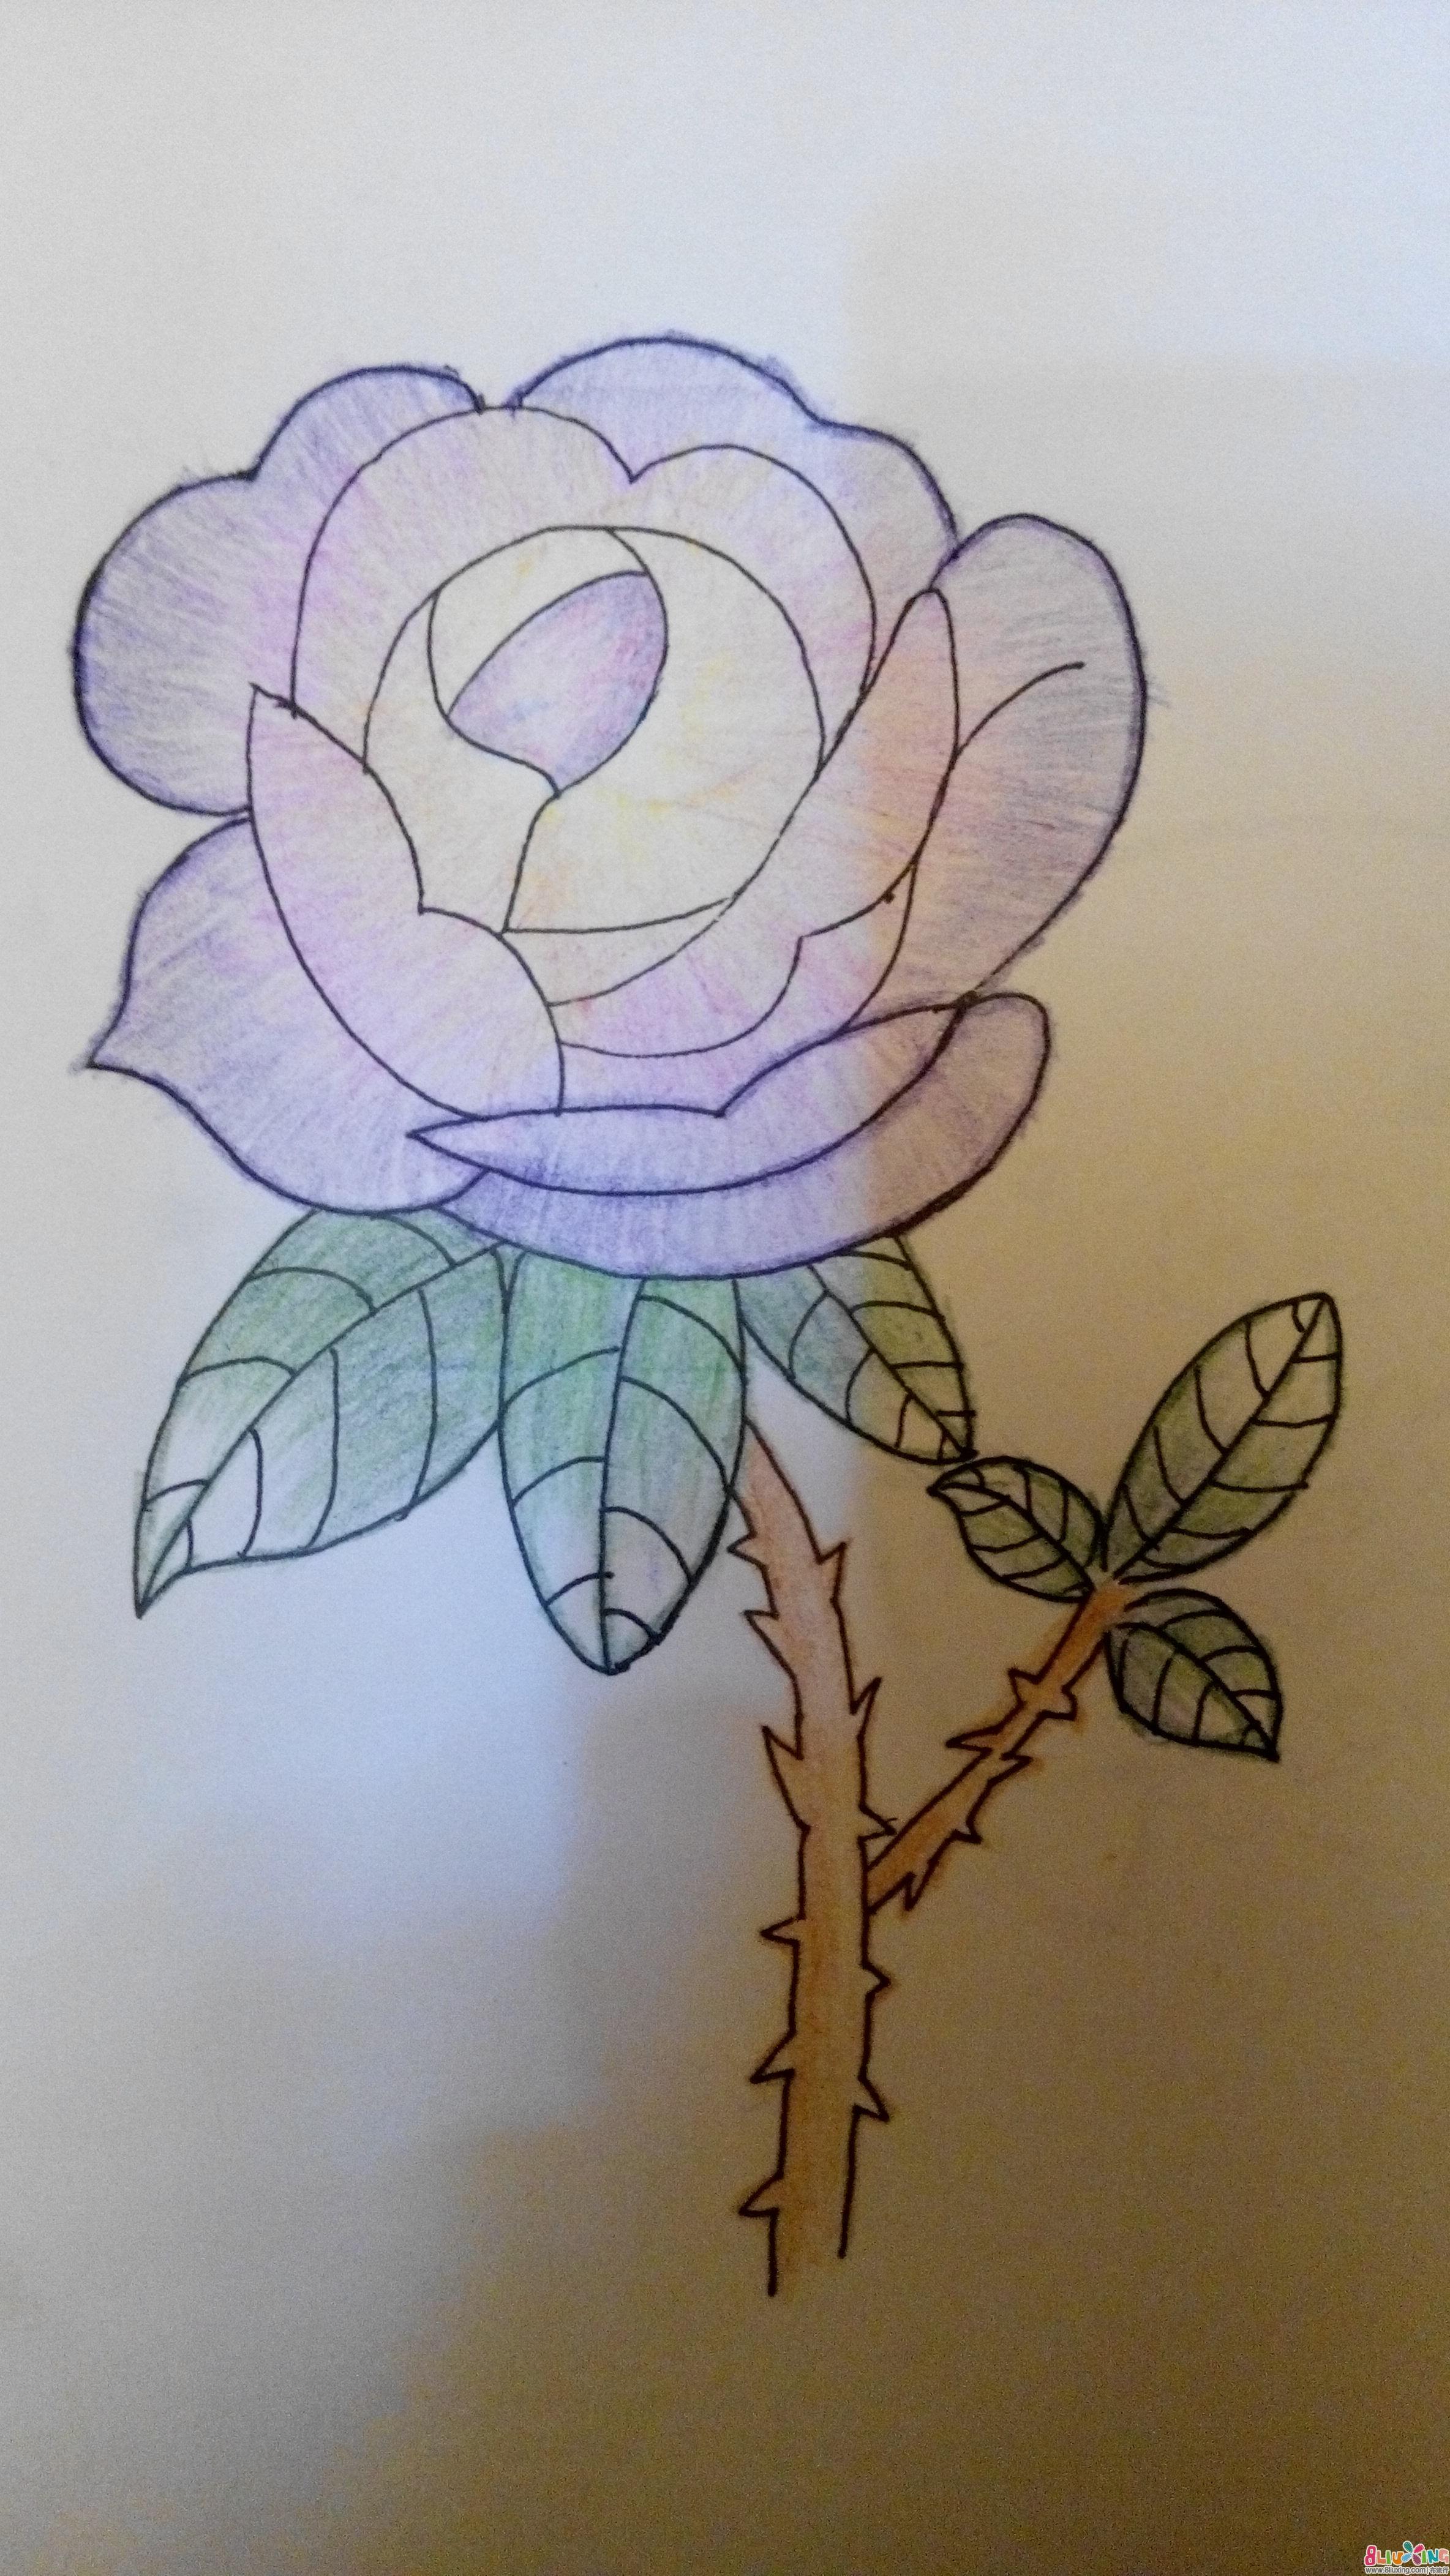 浏览:[26] 彩铅素描花朵图片下载原图彩铅素描花朵图片下载原图简单